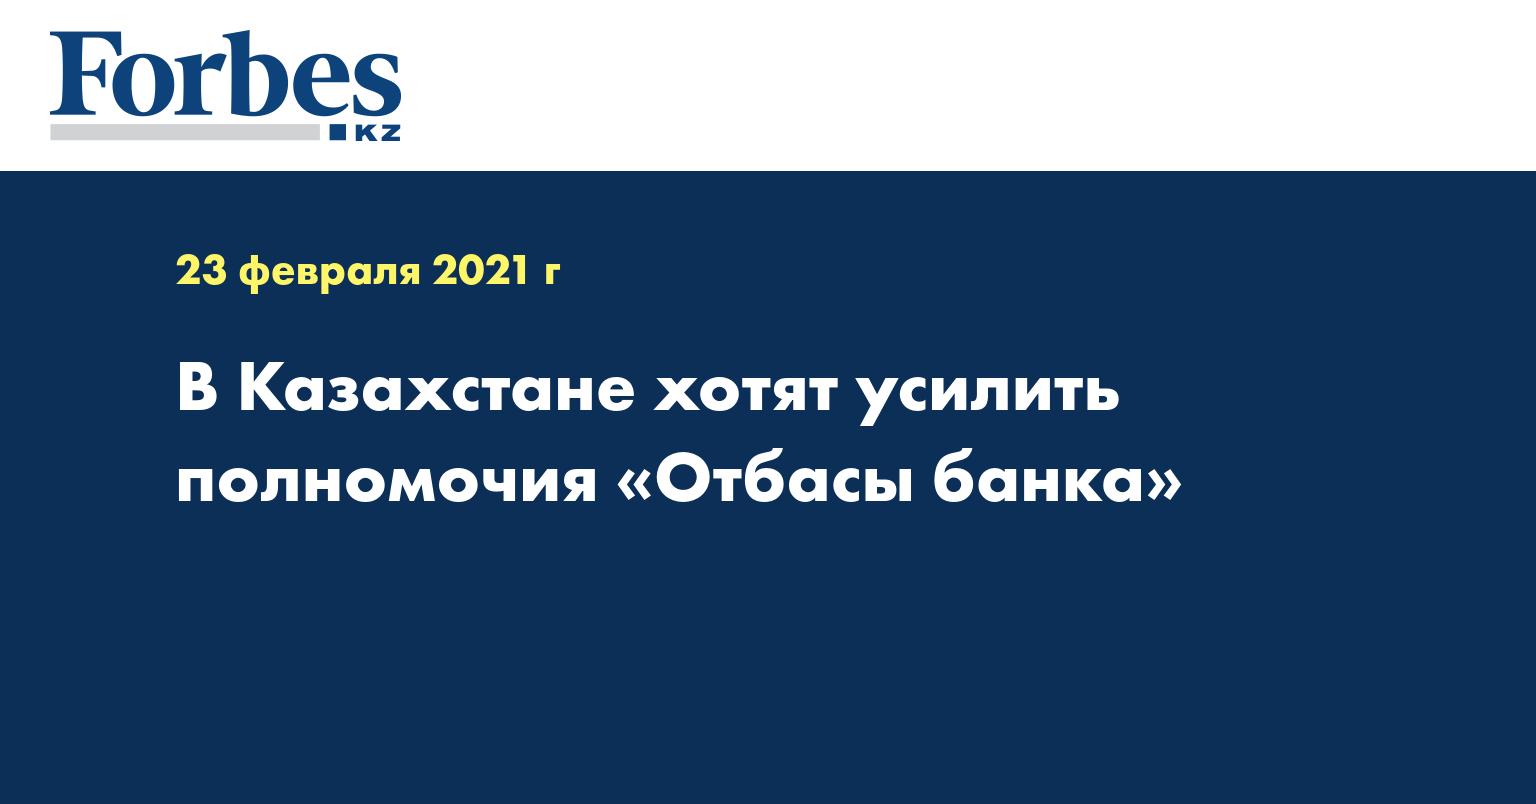 В Казахстане хотят усилить полномочия «Отбасы банка»